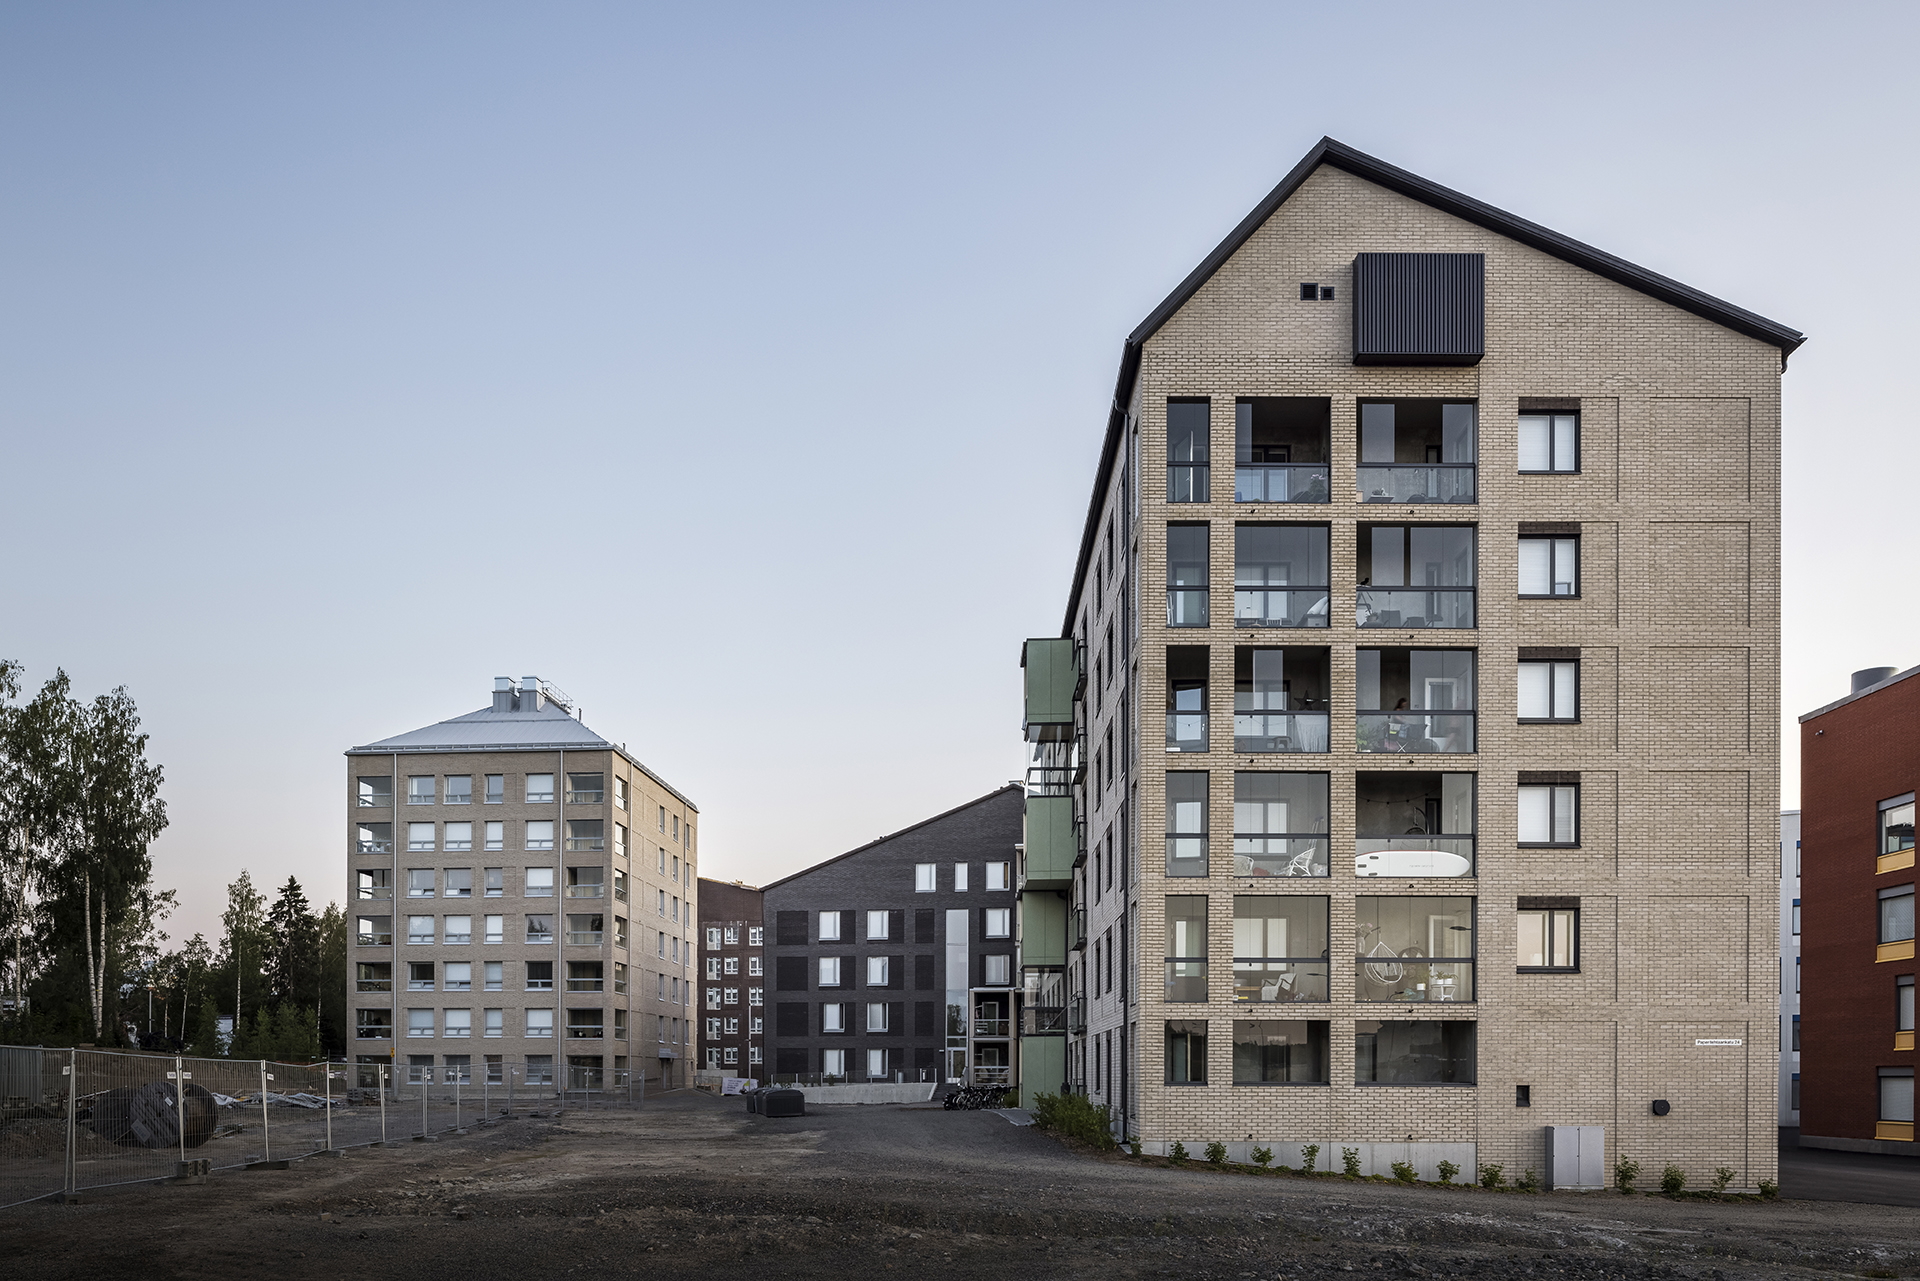 As Oy Jyväskylän Paperitehtaankatu 24 sisäpiha ja julkisivu